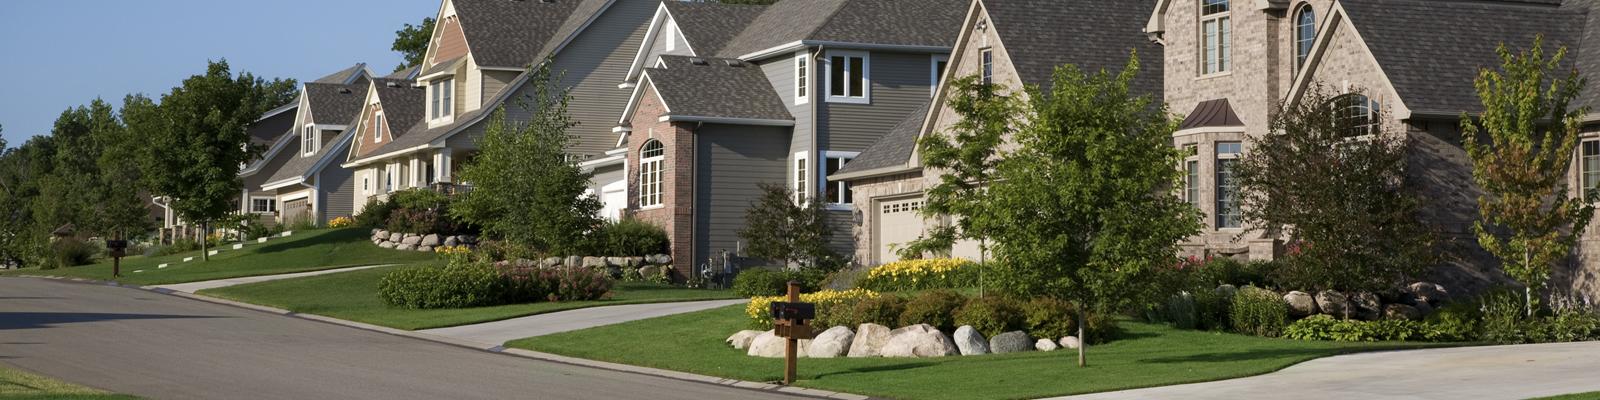 Vellore Village Condominium Sales